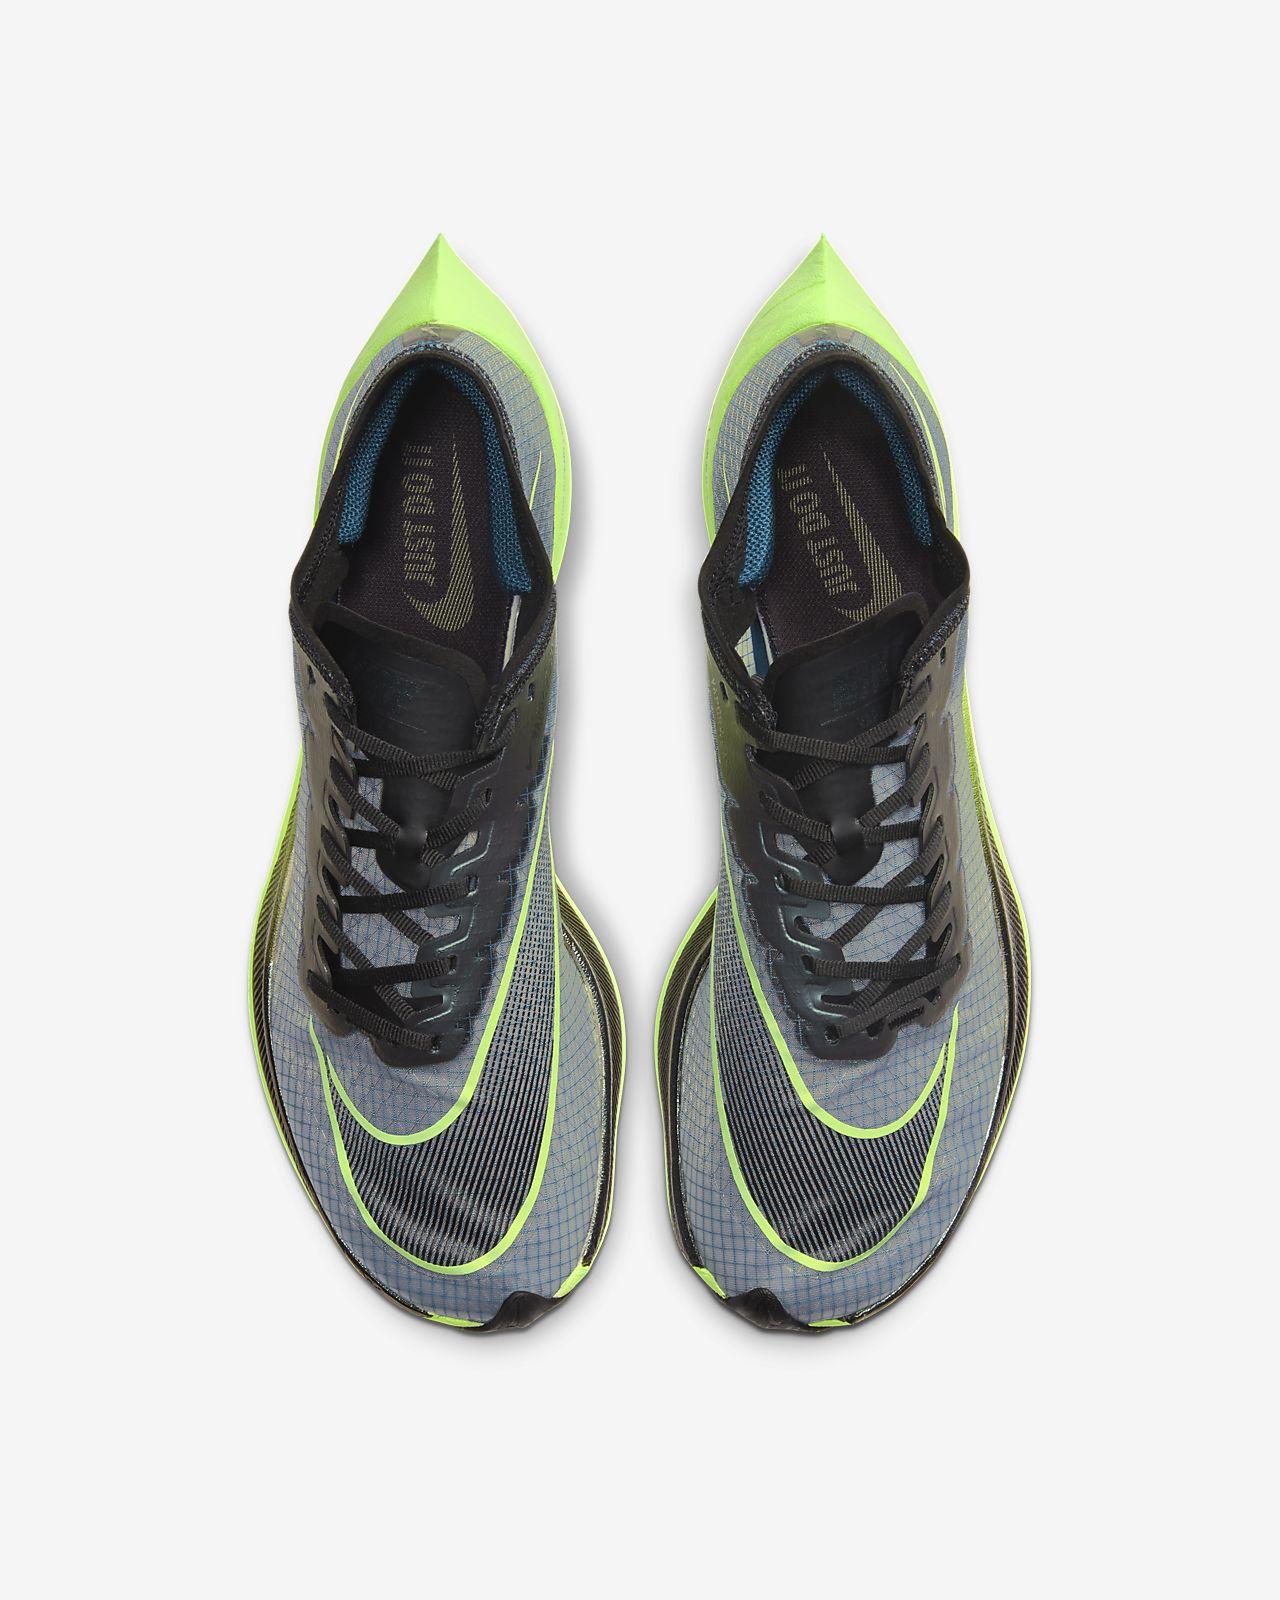 Nike Zoom Flyknit Streak (Boston) Nike News